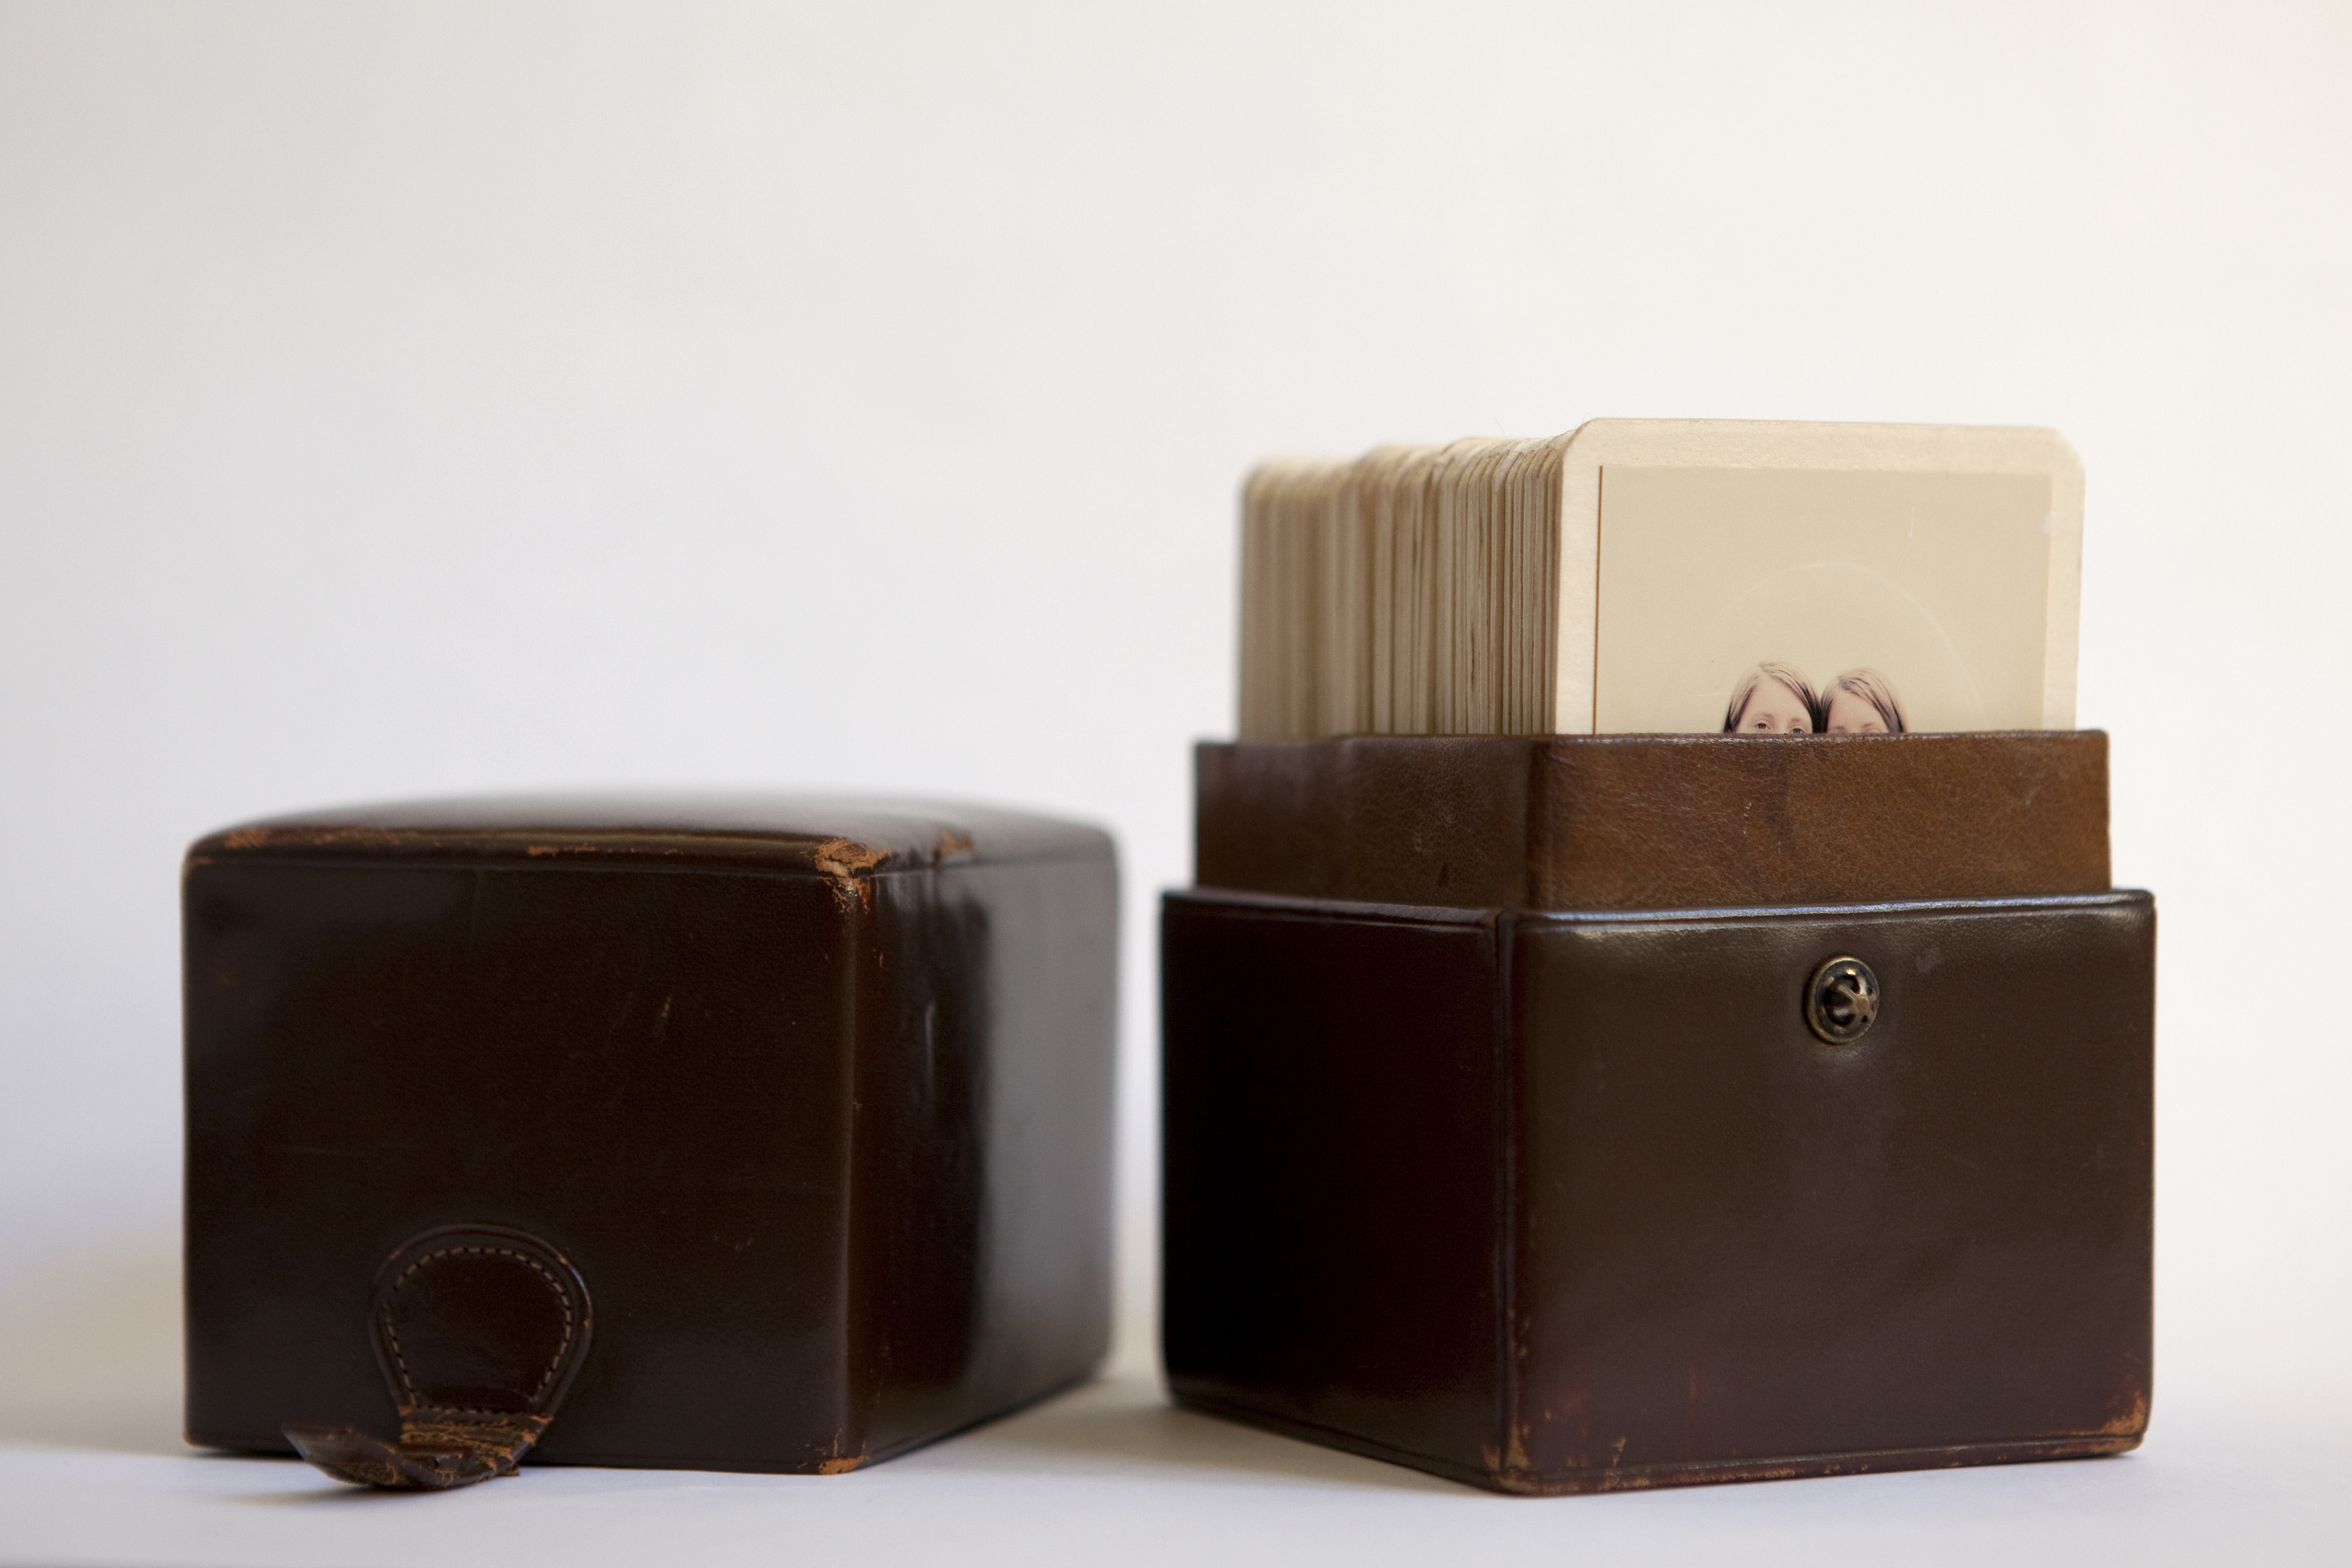 Stéphanie Solinas, Phénomènes, 2007, tirages chromogéniques montés sur carton, 6,3 x 10,4 cm ©Stéphanie Solinas